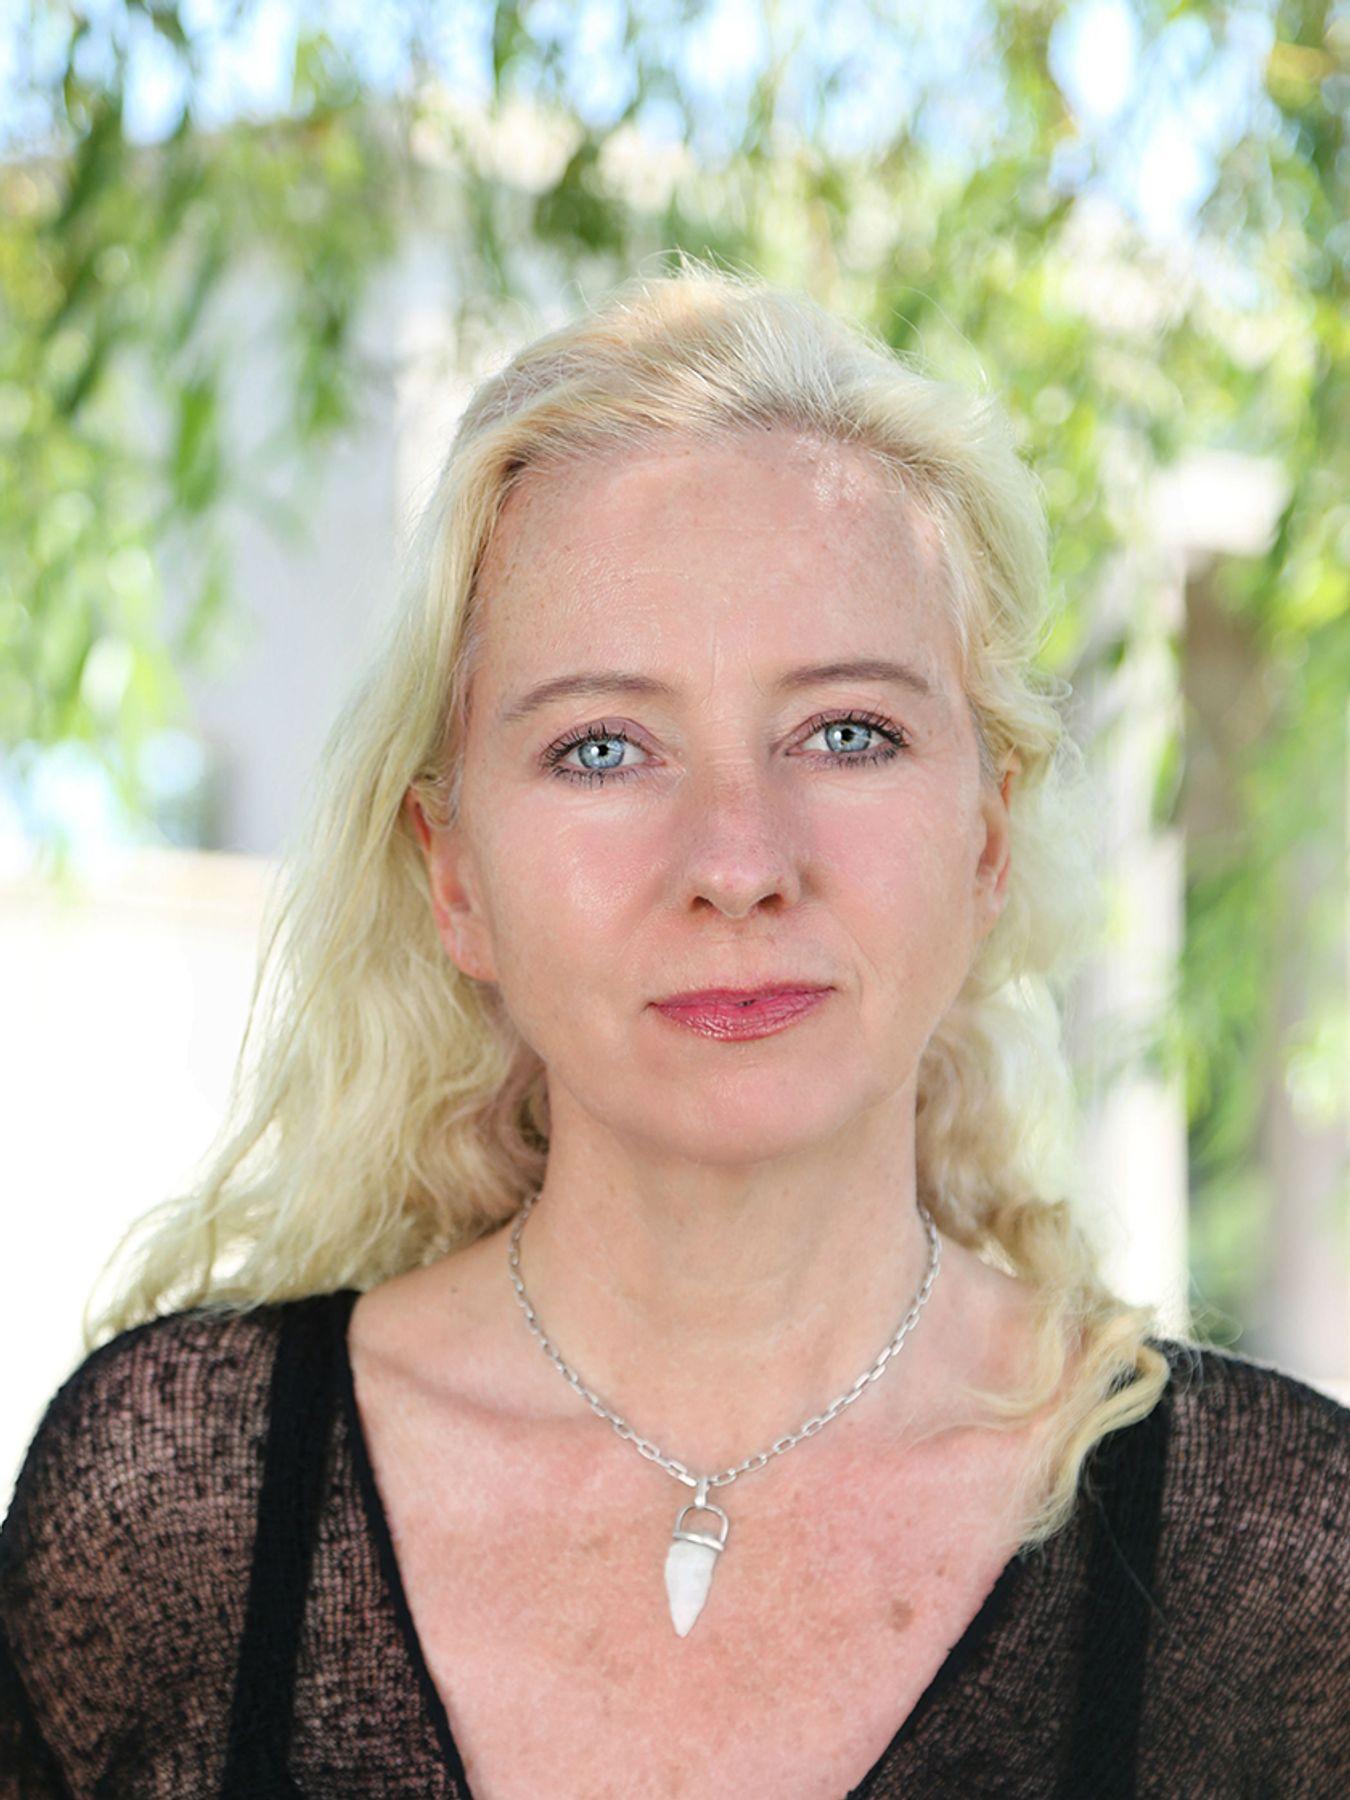 Maria Crotty